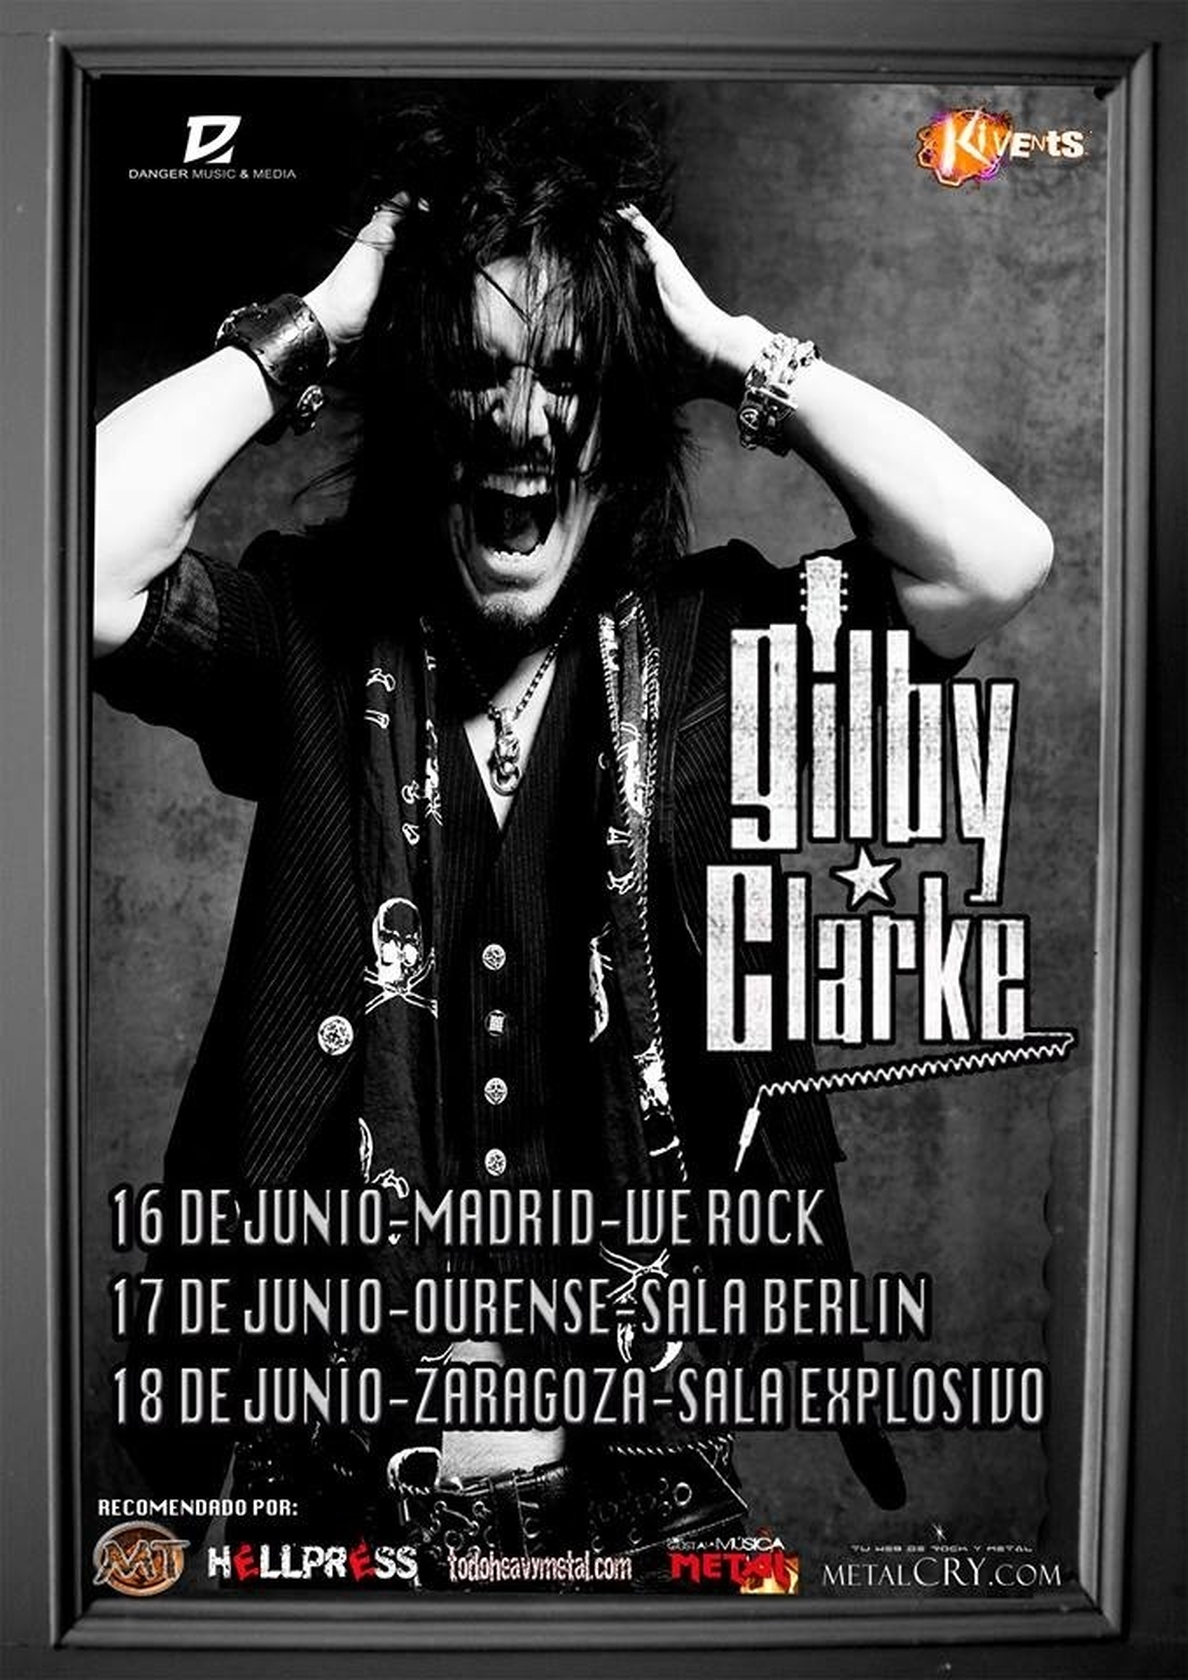 Gilby Clarke actuará en junio en Madrid, Ourense y Zaragoza